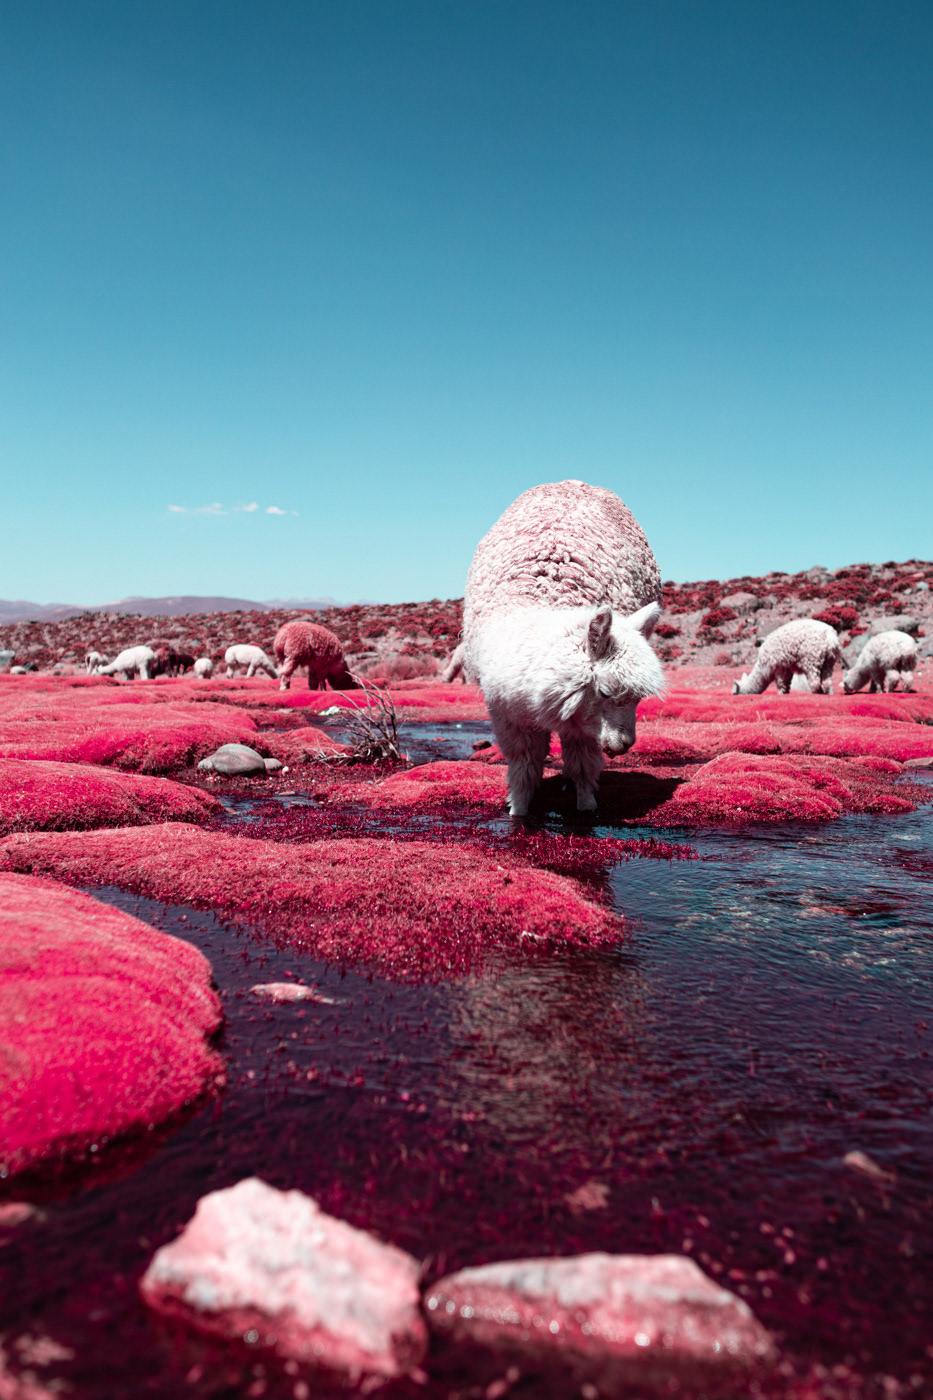 Alpacas in Dreamy Colors – Fubiz Media Design